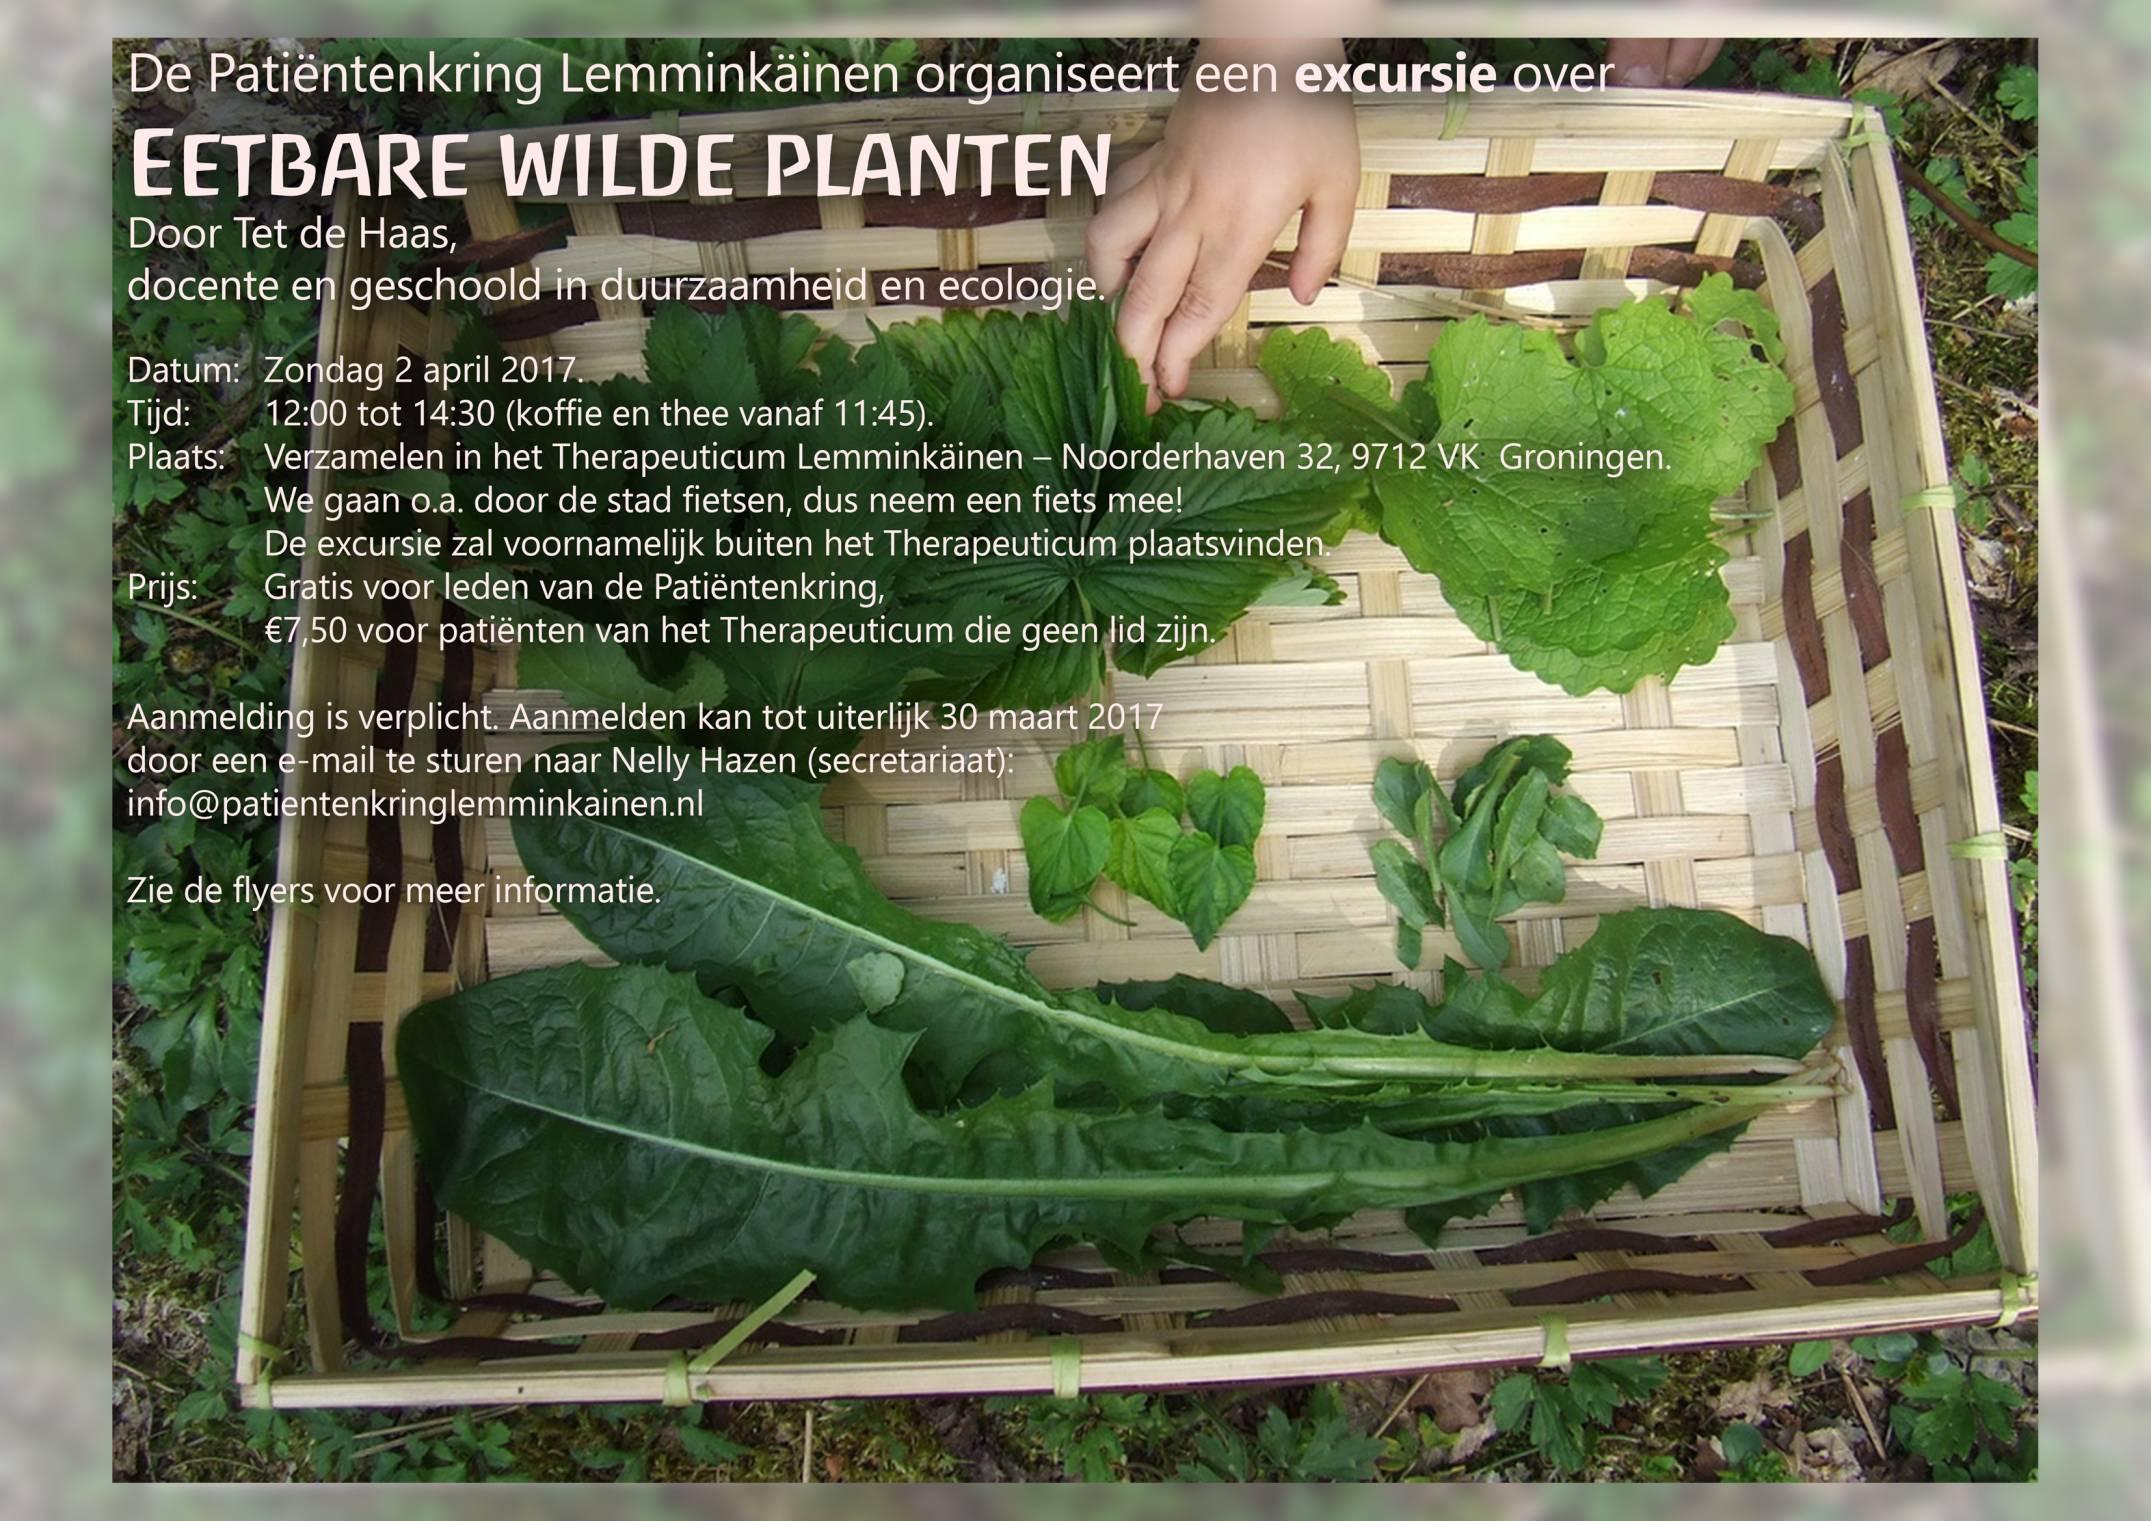 grotere versie poster van excursie over eetbare wilde planten